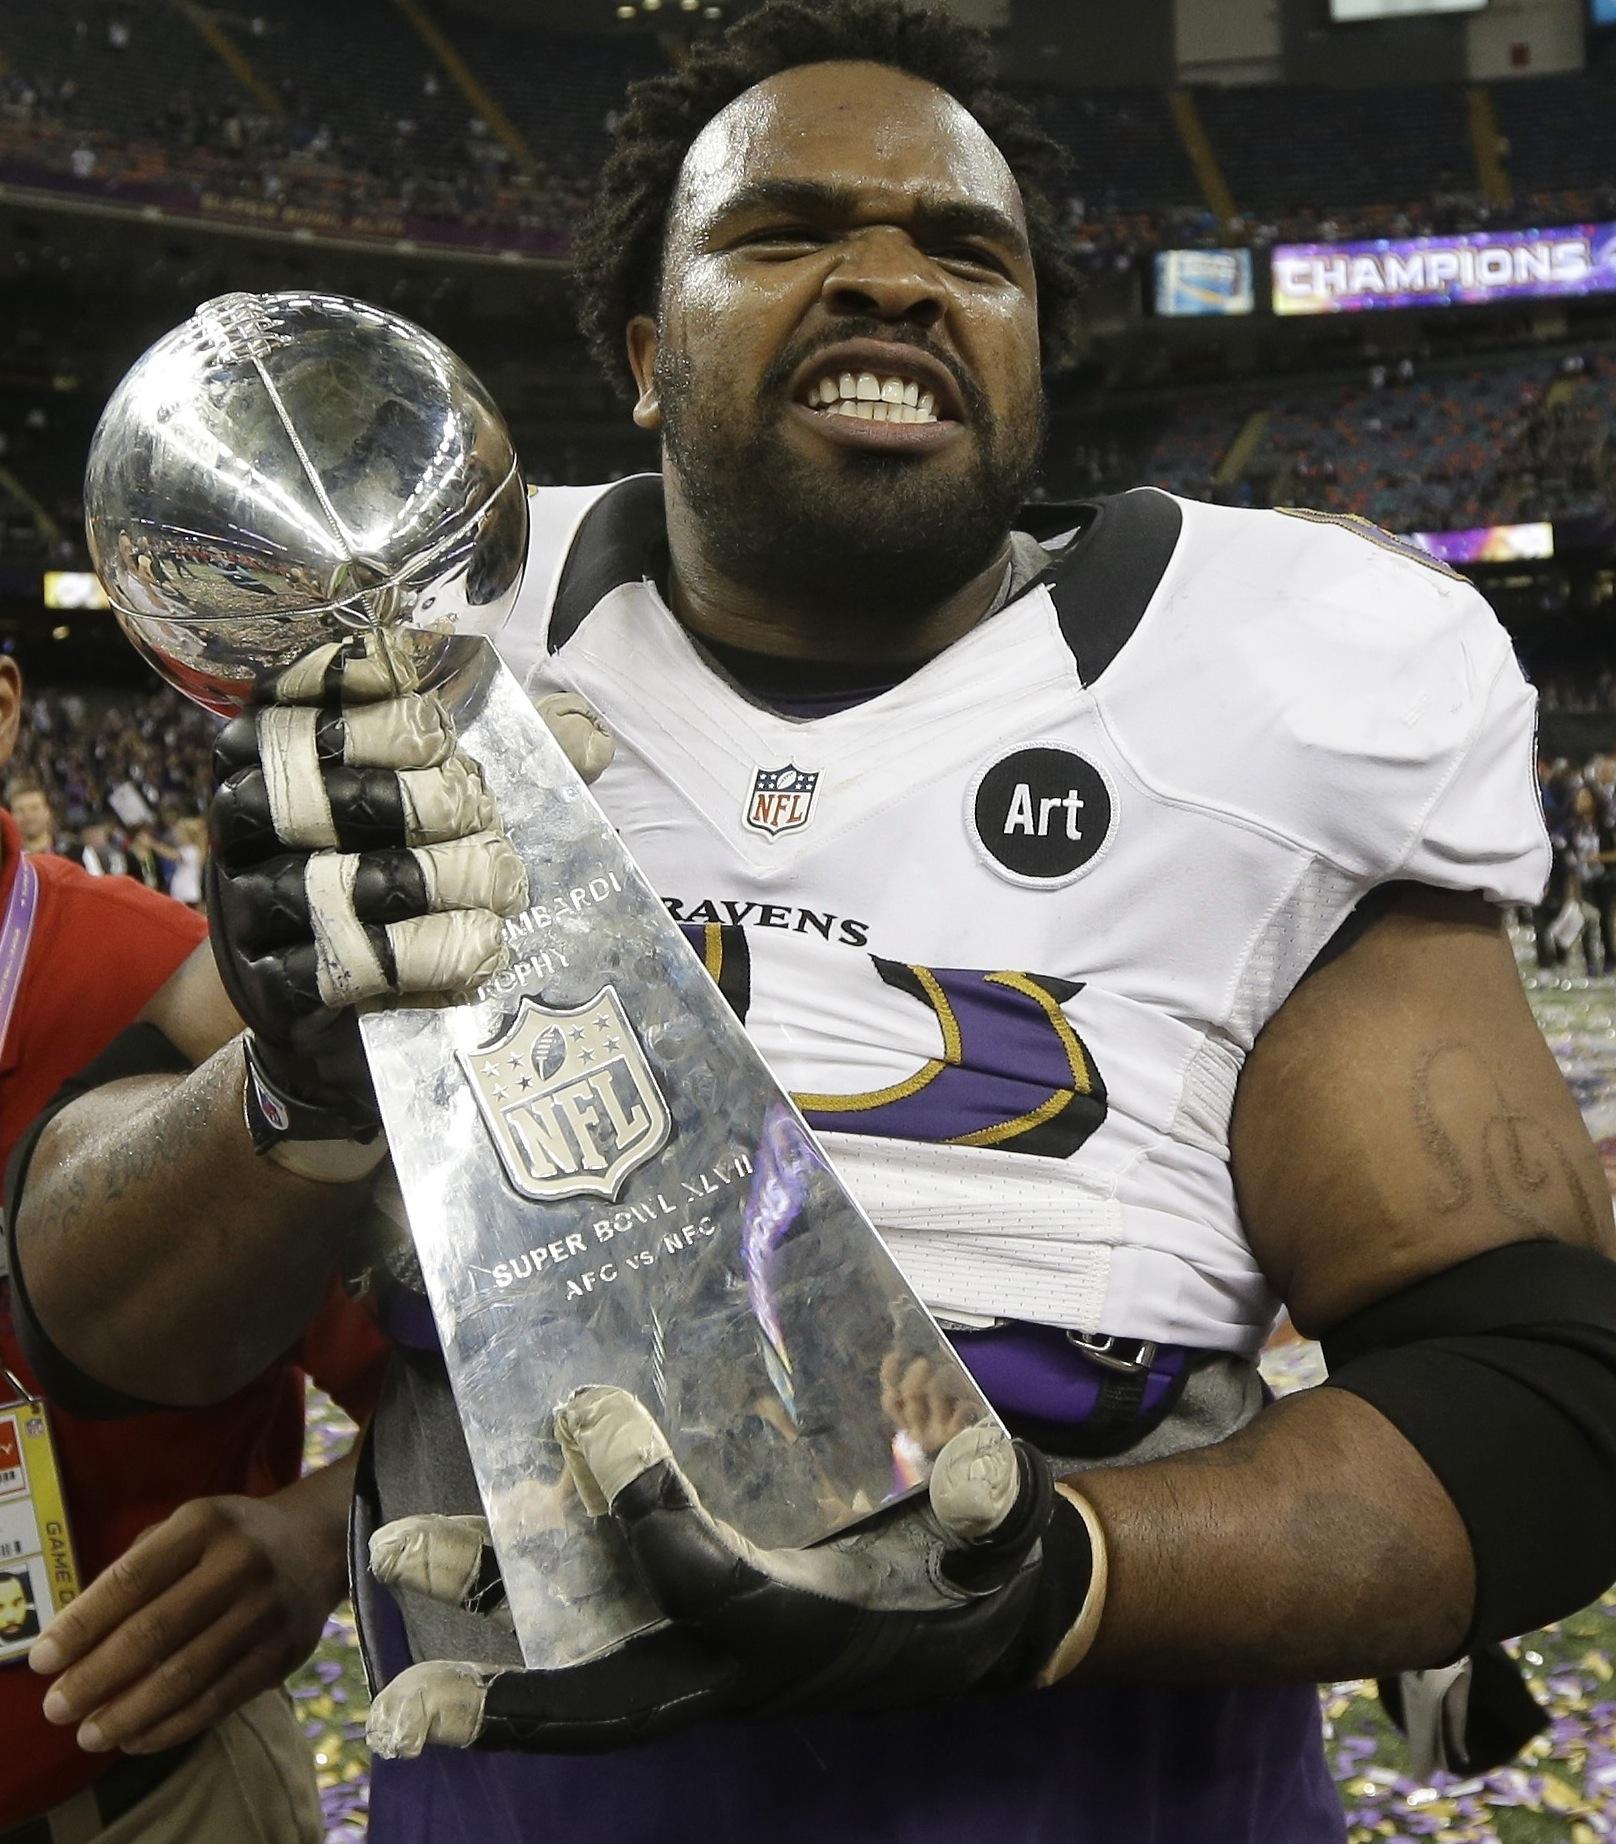 The Ravens' Bobbie Williams with the Vince Lombardi Trophy (AP / Marcio Sanchez)